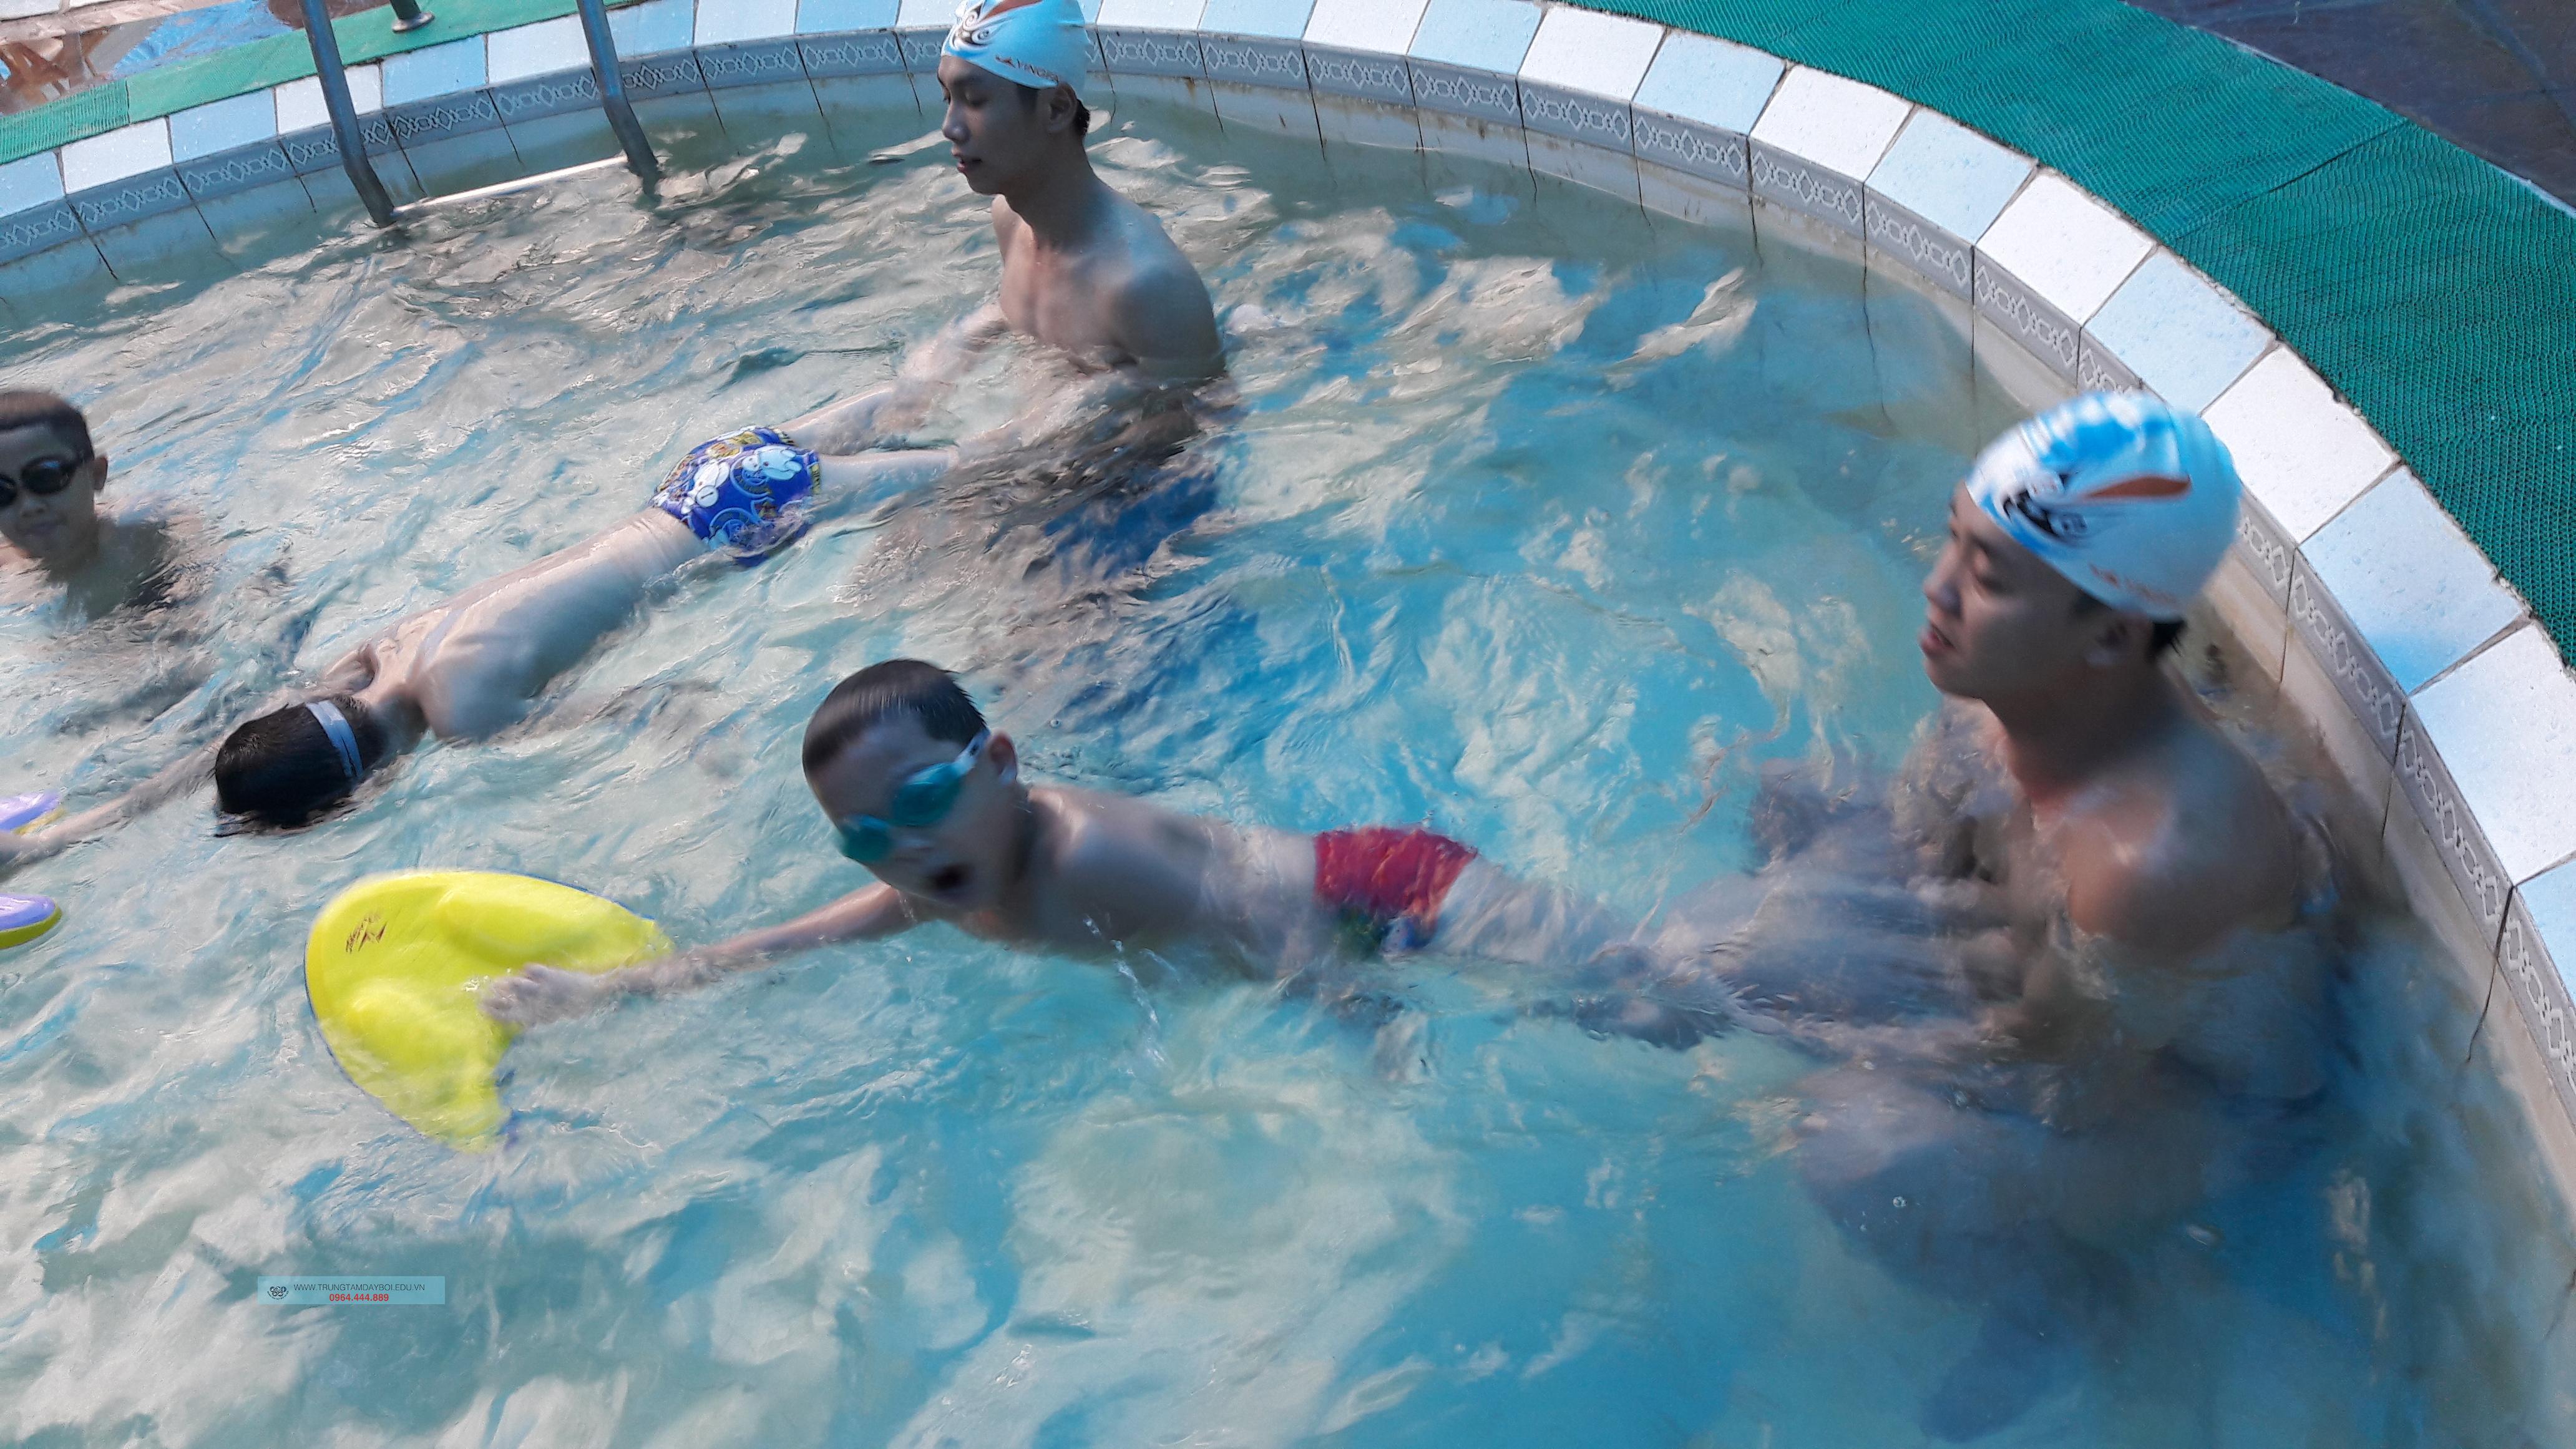 Hình ảnh lớp học bơi nâng cao 1  Hình ảnh lớp học bơi nâng cao 1  Hình ảnh lớp học bơi nâng cao 1  Hình ảnh lớp học bơi nâng cao 1  Hình ảnh lớp học bơi nâng cao 1  Hình ảnh lớp học bơi nâng cao 1  Hình ảnh lớp học bơi nâng cao 1  Hình ảnh lớp học bơi nâng cao 1  Hình ảnh lớp học bơi nâng cao 1  Hình ảnh lớp học bơi nâng cao 1  Hình ảnh lớp học bơi nâng cao 1  Hình ảnh lớp học bơi nâng cao 1  Hình ảnh lớp học bơi nâng cao 1  Hình ảnh lớp học bơi nâng cao 1  Hình ảnh lớp học bơi nâng cao 1  Hình ảnh lớp học bơi nâng cao 1  Hình ảnh lớp học bơi nâng cao 1  Hình ảnh lớp học bơi nâng cao 1  Hình ảnh lớp học bơi nâng cao 1  Hình ảnh lớp học bơi nâng cao 1  Hình ảnh lớp học bơi nâng cao 1  Hình ảnh lớp học bơi nâng cao 1  Hình ảnh lớp học bơi nâng cao 1  Hình ảnh lớp học bơi nâng cao 1  Hình ảnh lớp học bơi nâng cao 1  Hình ảnh lớp học bơi nâng cao 1